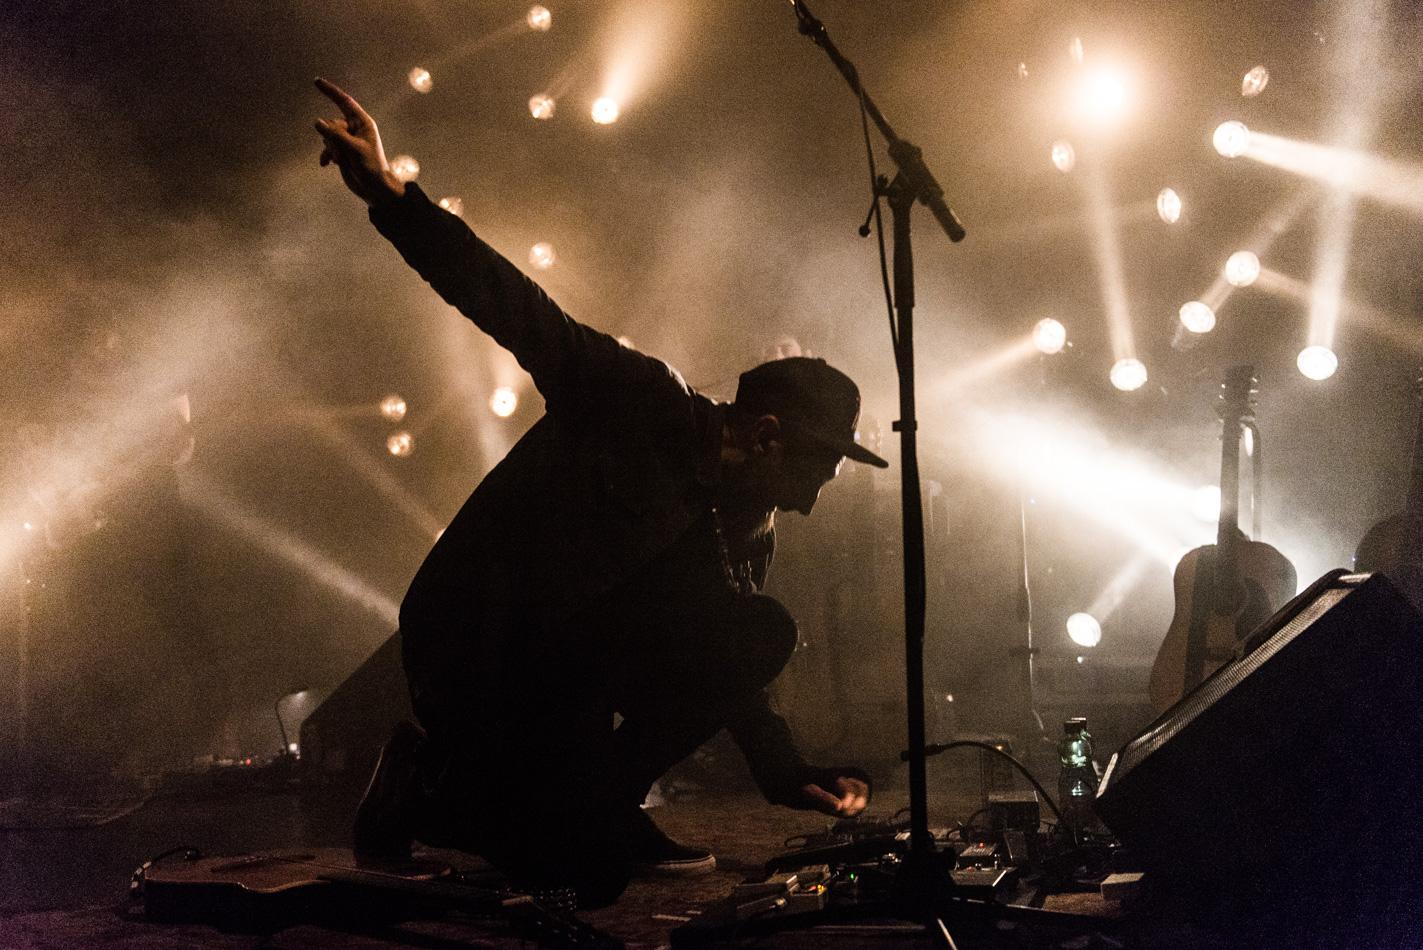 Fink, Concert Photo, Vienna, Austria, 2014